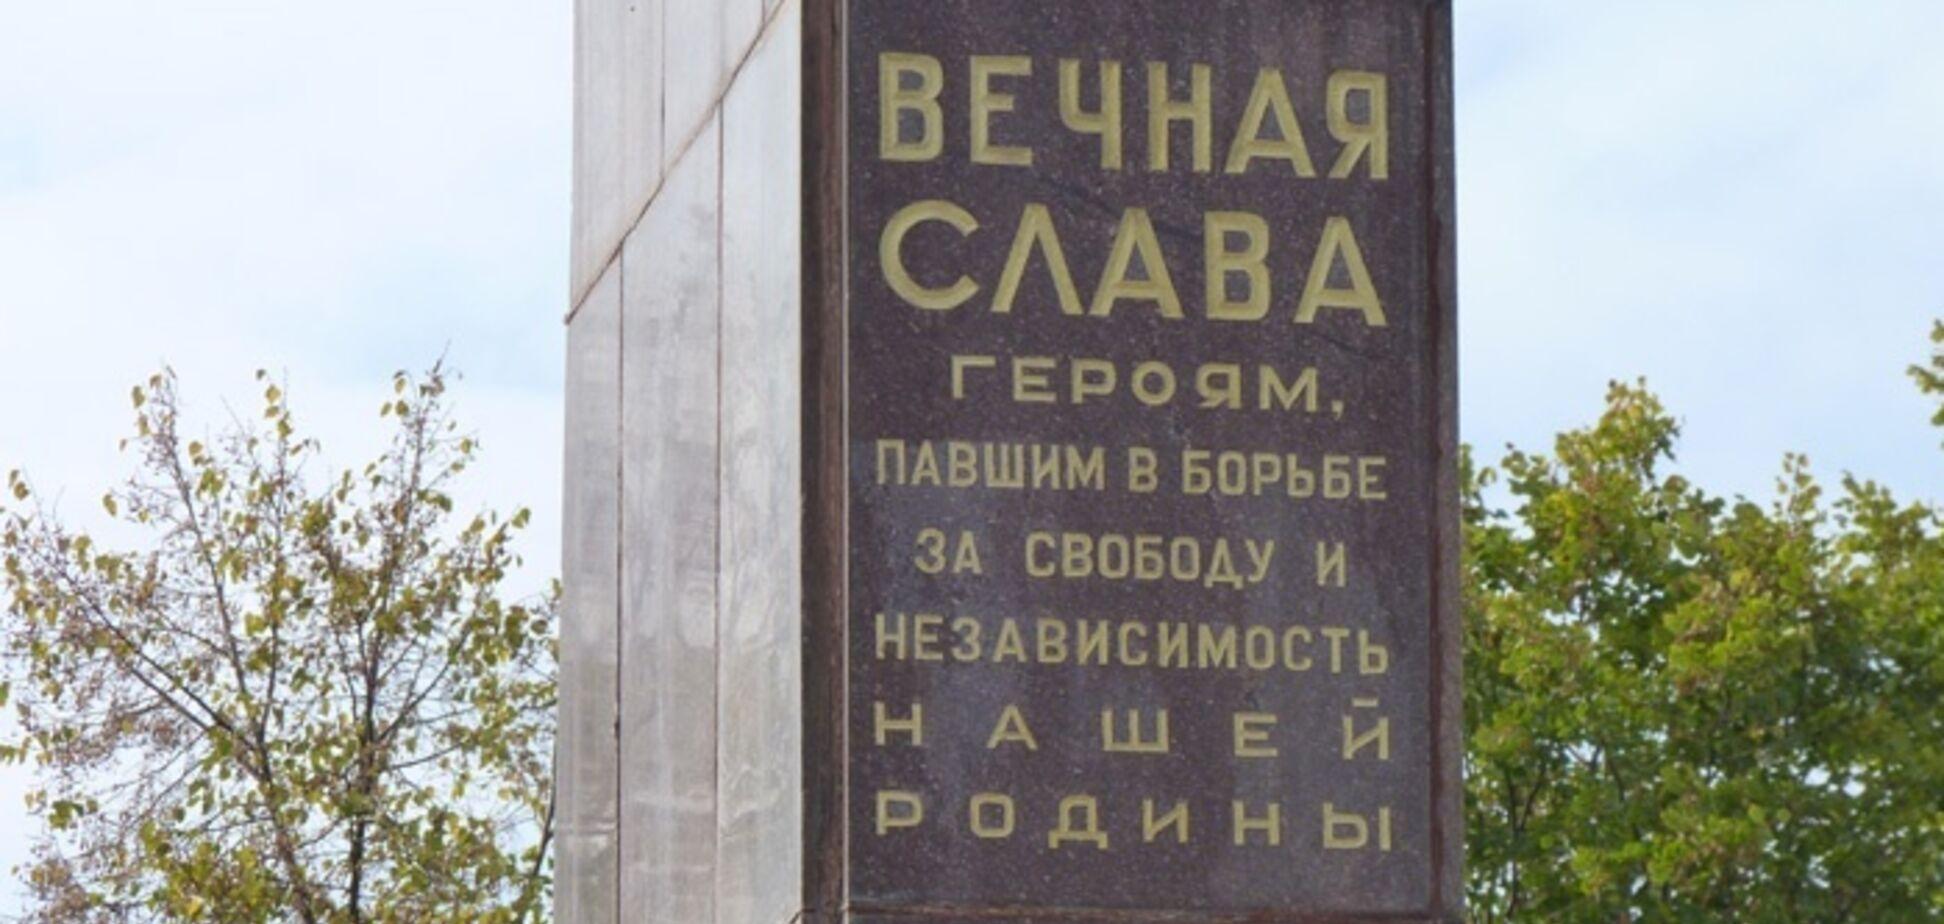 Спалив вінки і танцював: під Дніпром вандал поглумився над меморіалом